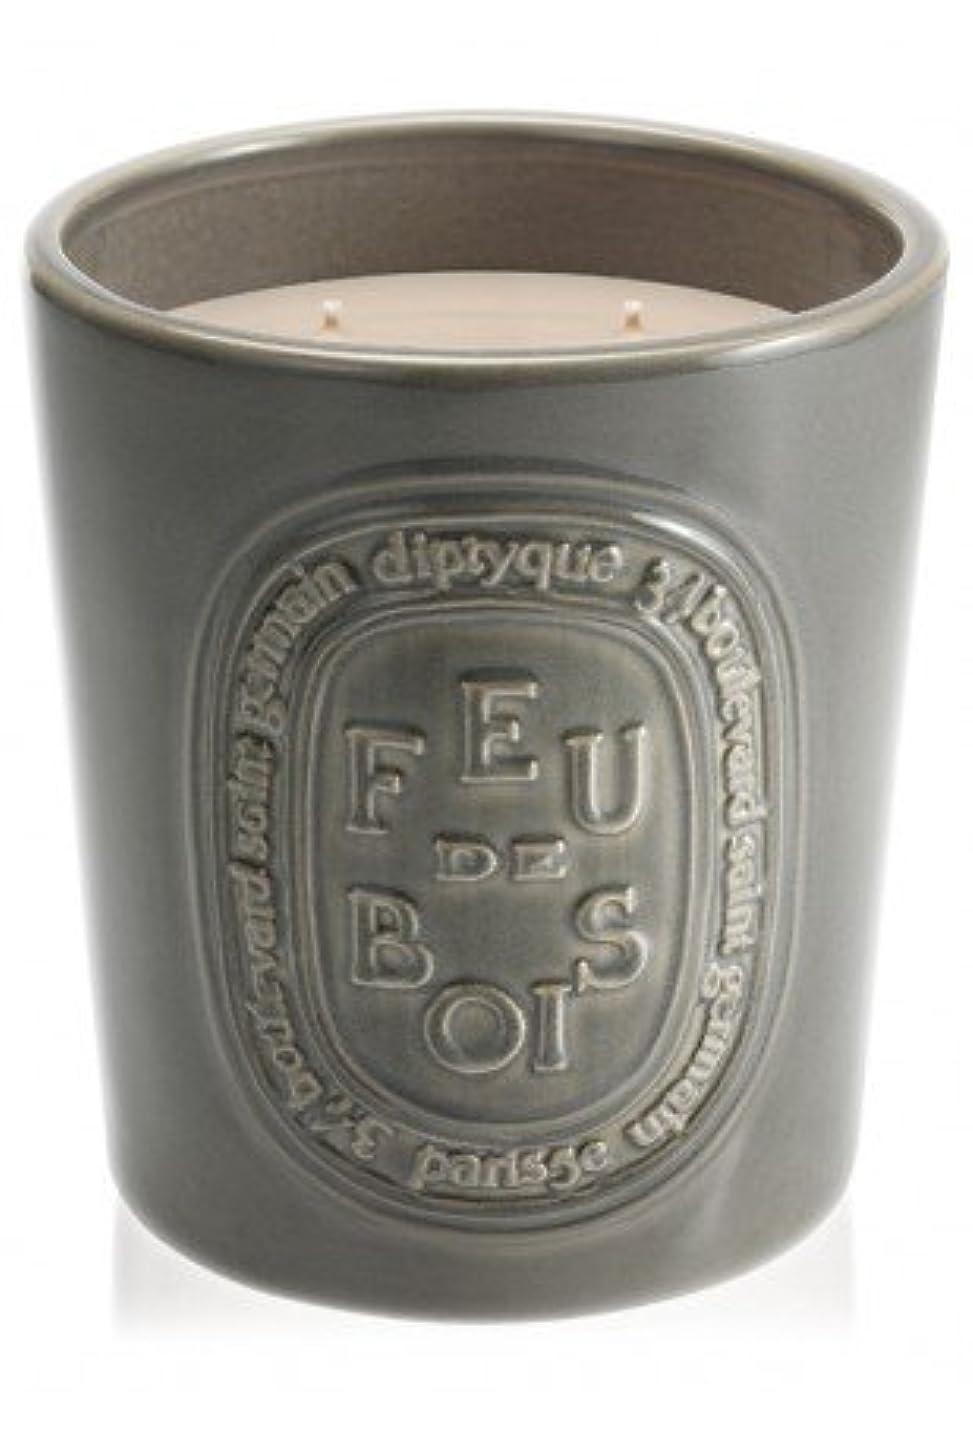 商業のショルダー梨ディプティック(DIPTYQUE) フドゥボア(たきぎ)キャンドル 1500g(1.5kg) [並行輸入品]